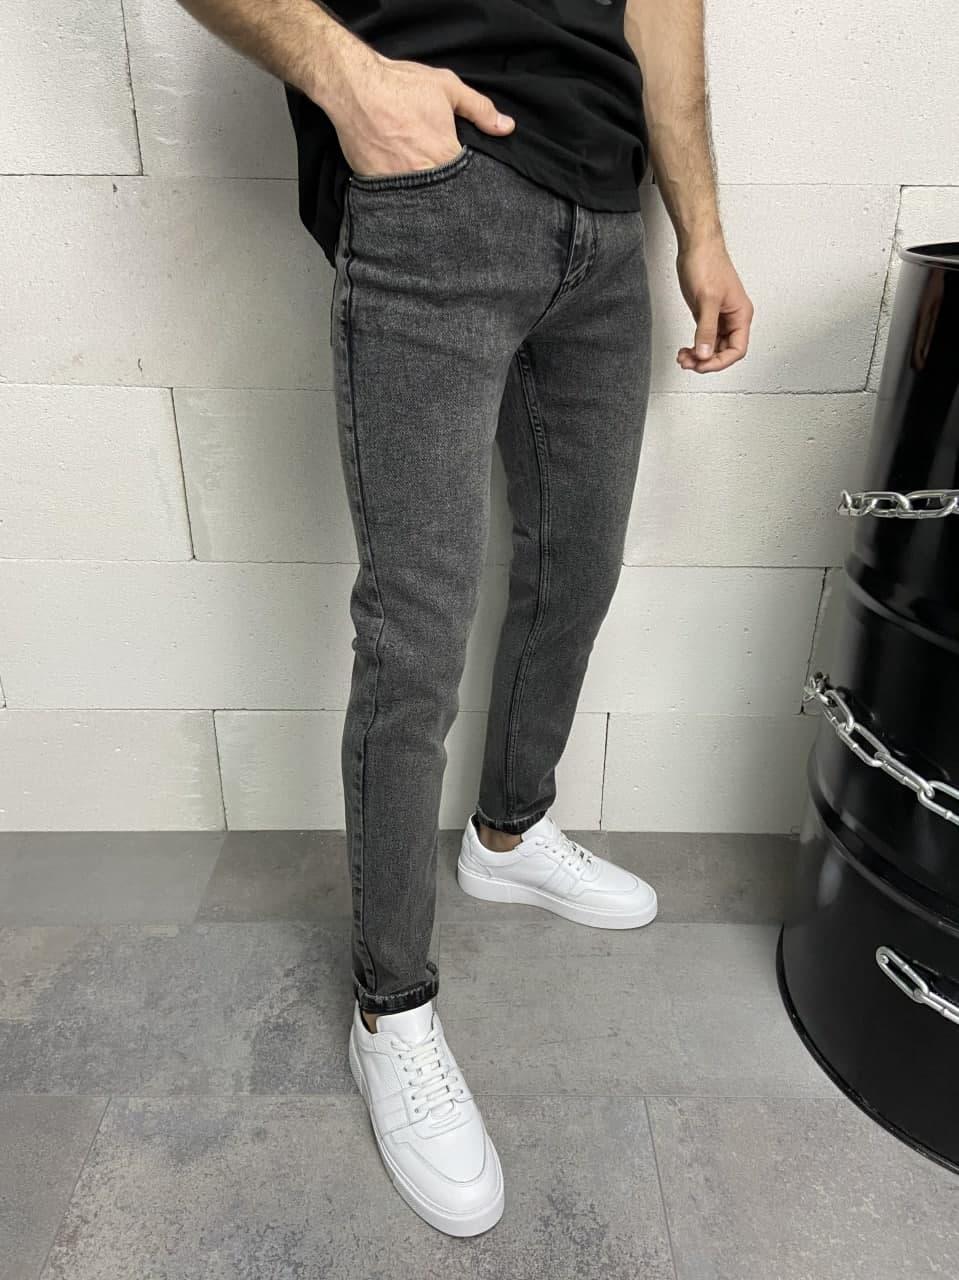 Джинси - Чоловічі сеерые джинси / чоловічі трендові джинси сірі класичні прямі